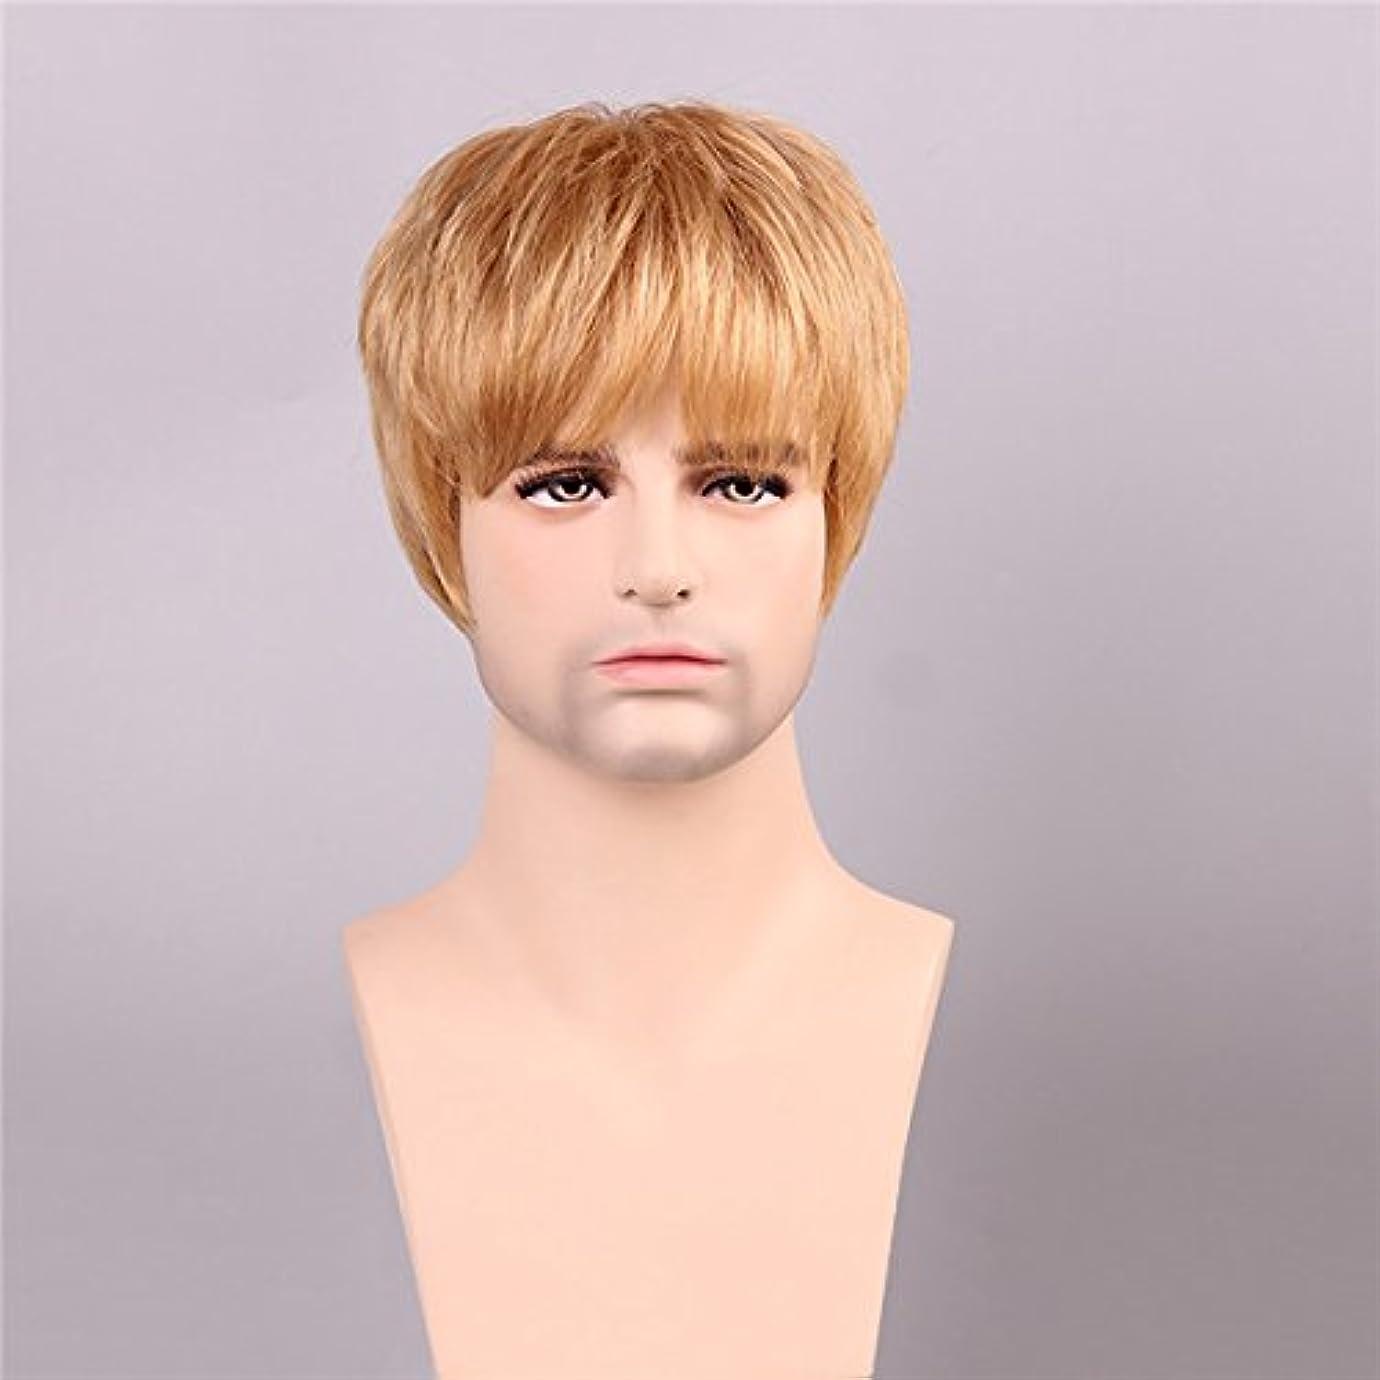 トリクルたとえ年金YZUEYT 男性の人間の髪のウィッグゴールデンブラウンブロンドショートモノラルトップ男性男性レミーCapless YZUEYT (Size : One size)